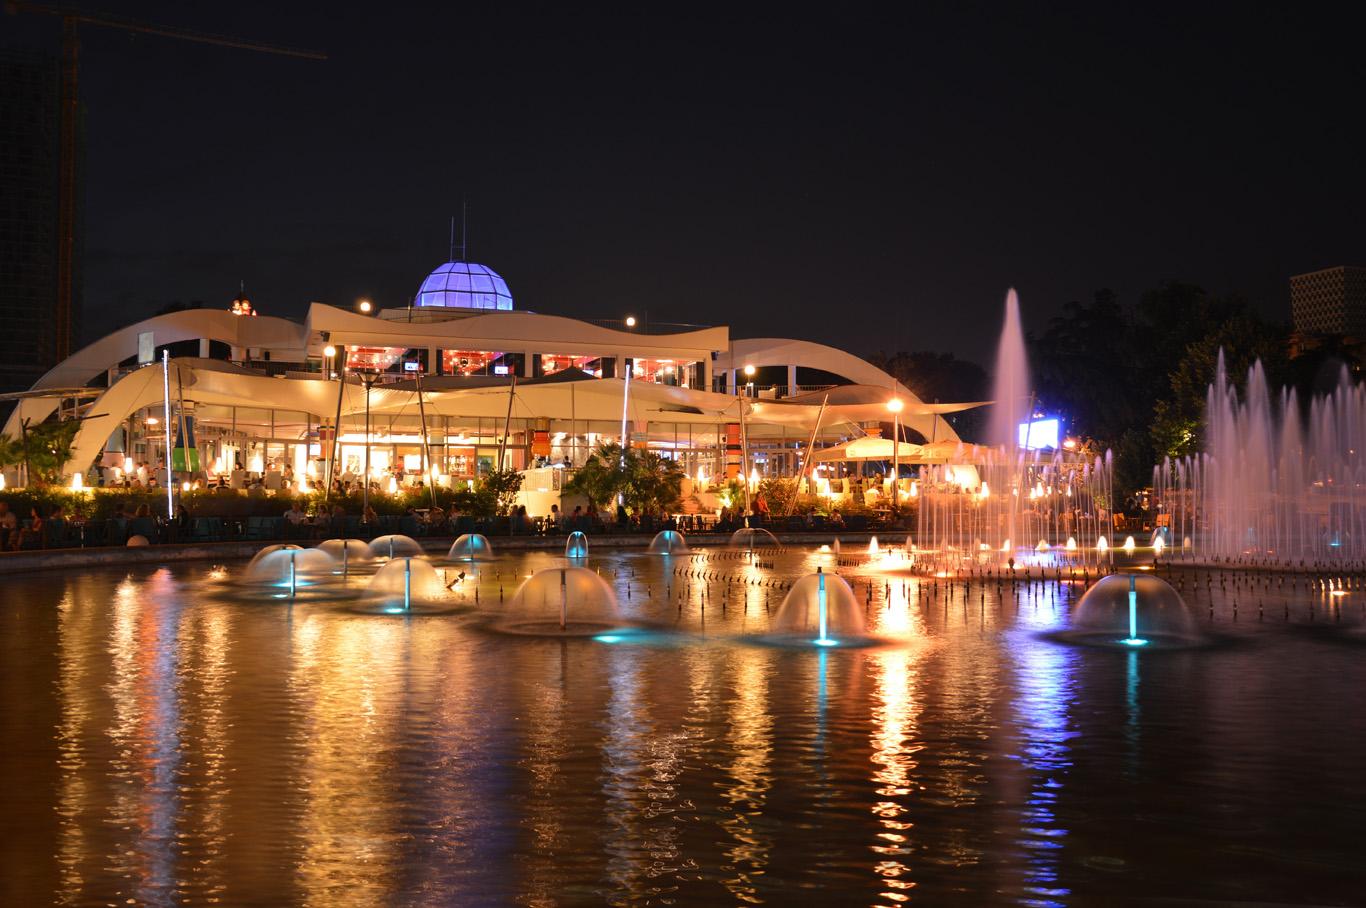 Rinia Park at night